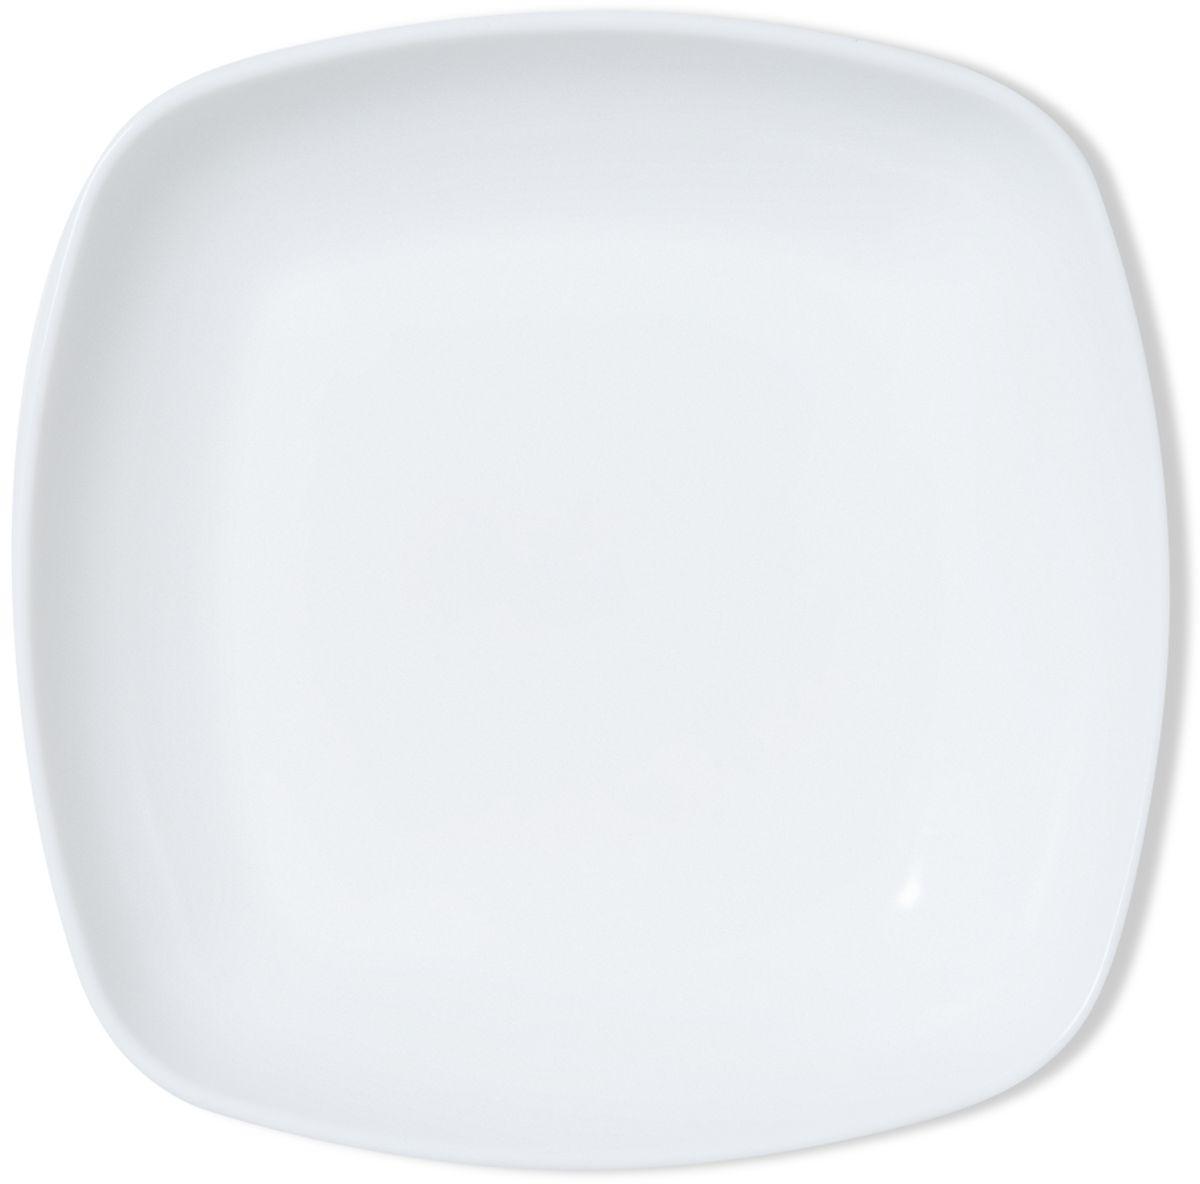 Тарелка глубокая Dosh l Home Adara, квадратная, 23 x 23 см115510Элегантные тарелки для стильной сервировки блюд и закусок. Изготовлены из высококачественного силикона белоснежного цвета. Силикон не впитывает запах и вкус продуктов, устойчив к царапинам. Подходит для микроволновой печи, холодильника. Можно мыть в посудомоечной машине. Мыть обычными моющими средствами, не использовать агрессивные вещества, металлические мочалки, острые предметы и т.д..